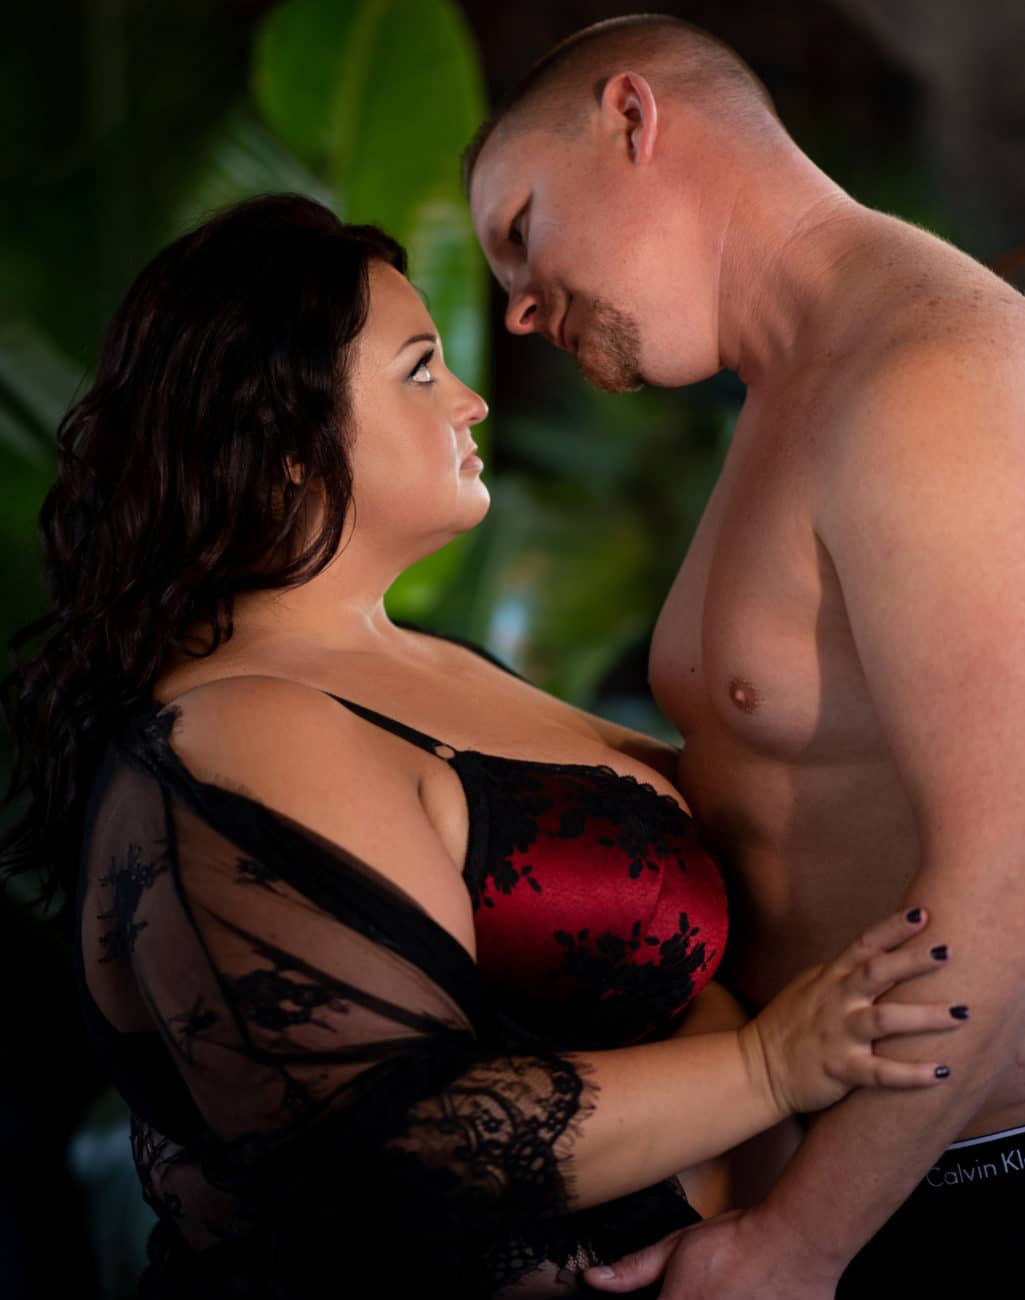 Intimate Photos